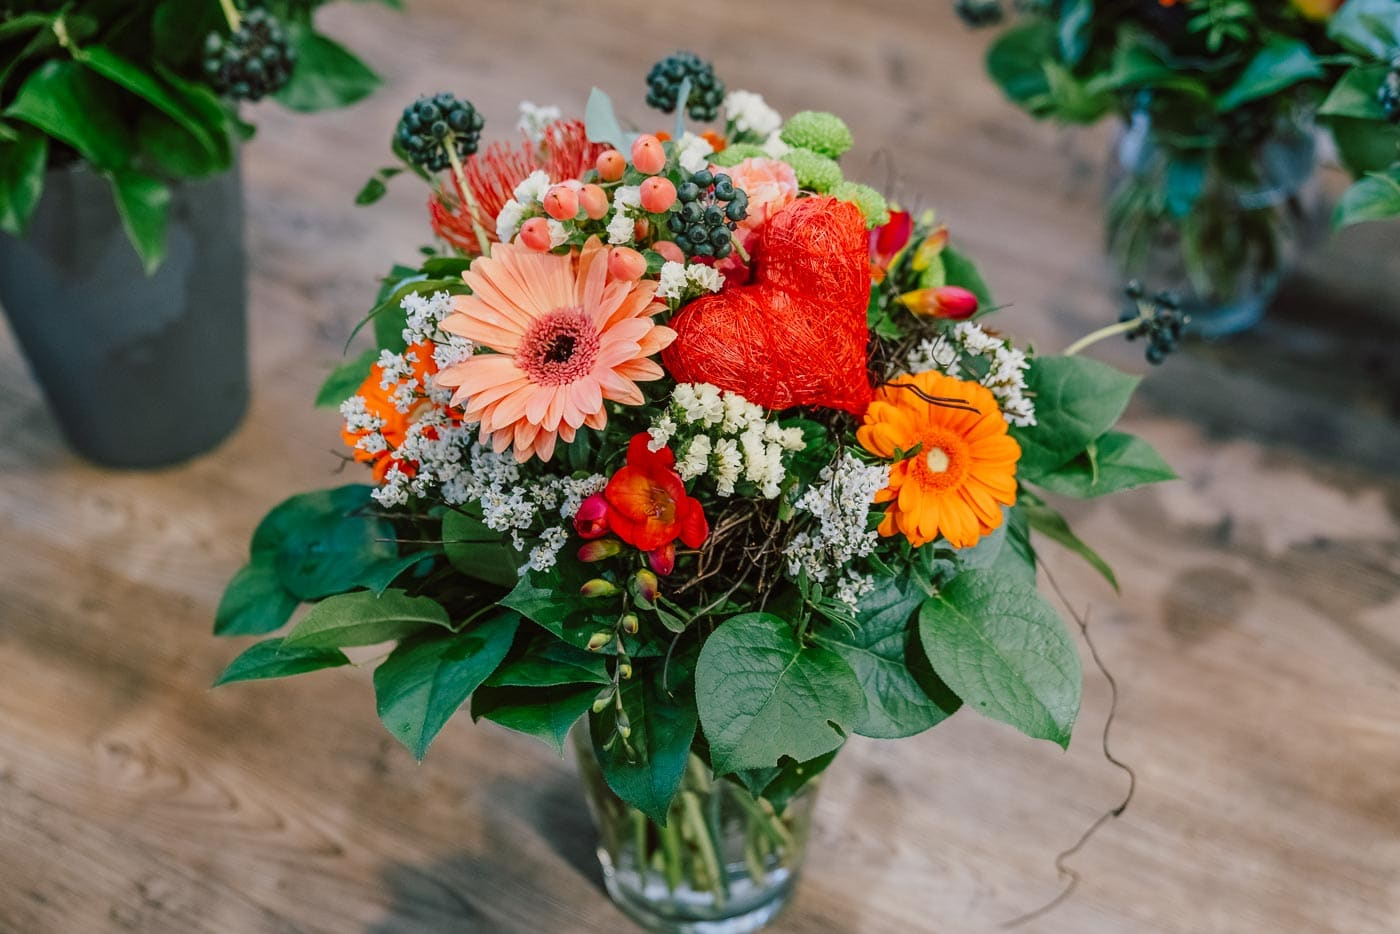 Blumen-Gaby-Strohmeier-straeusse-feb20-9